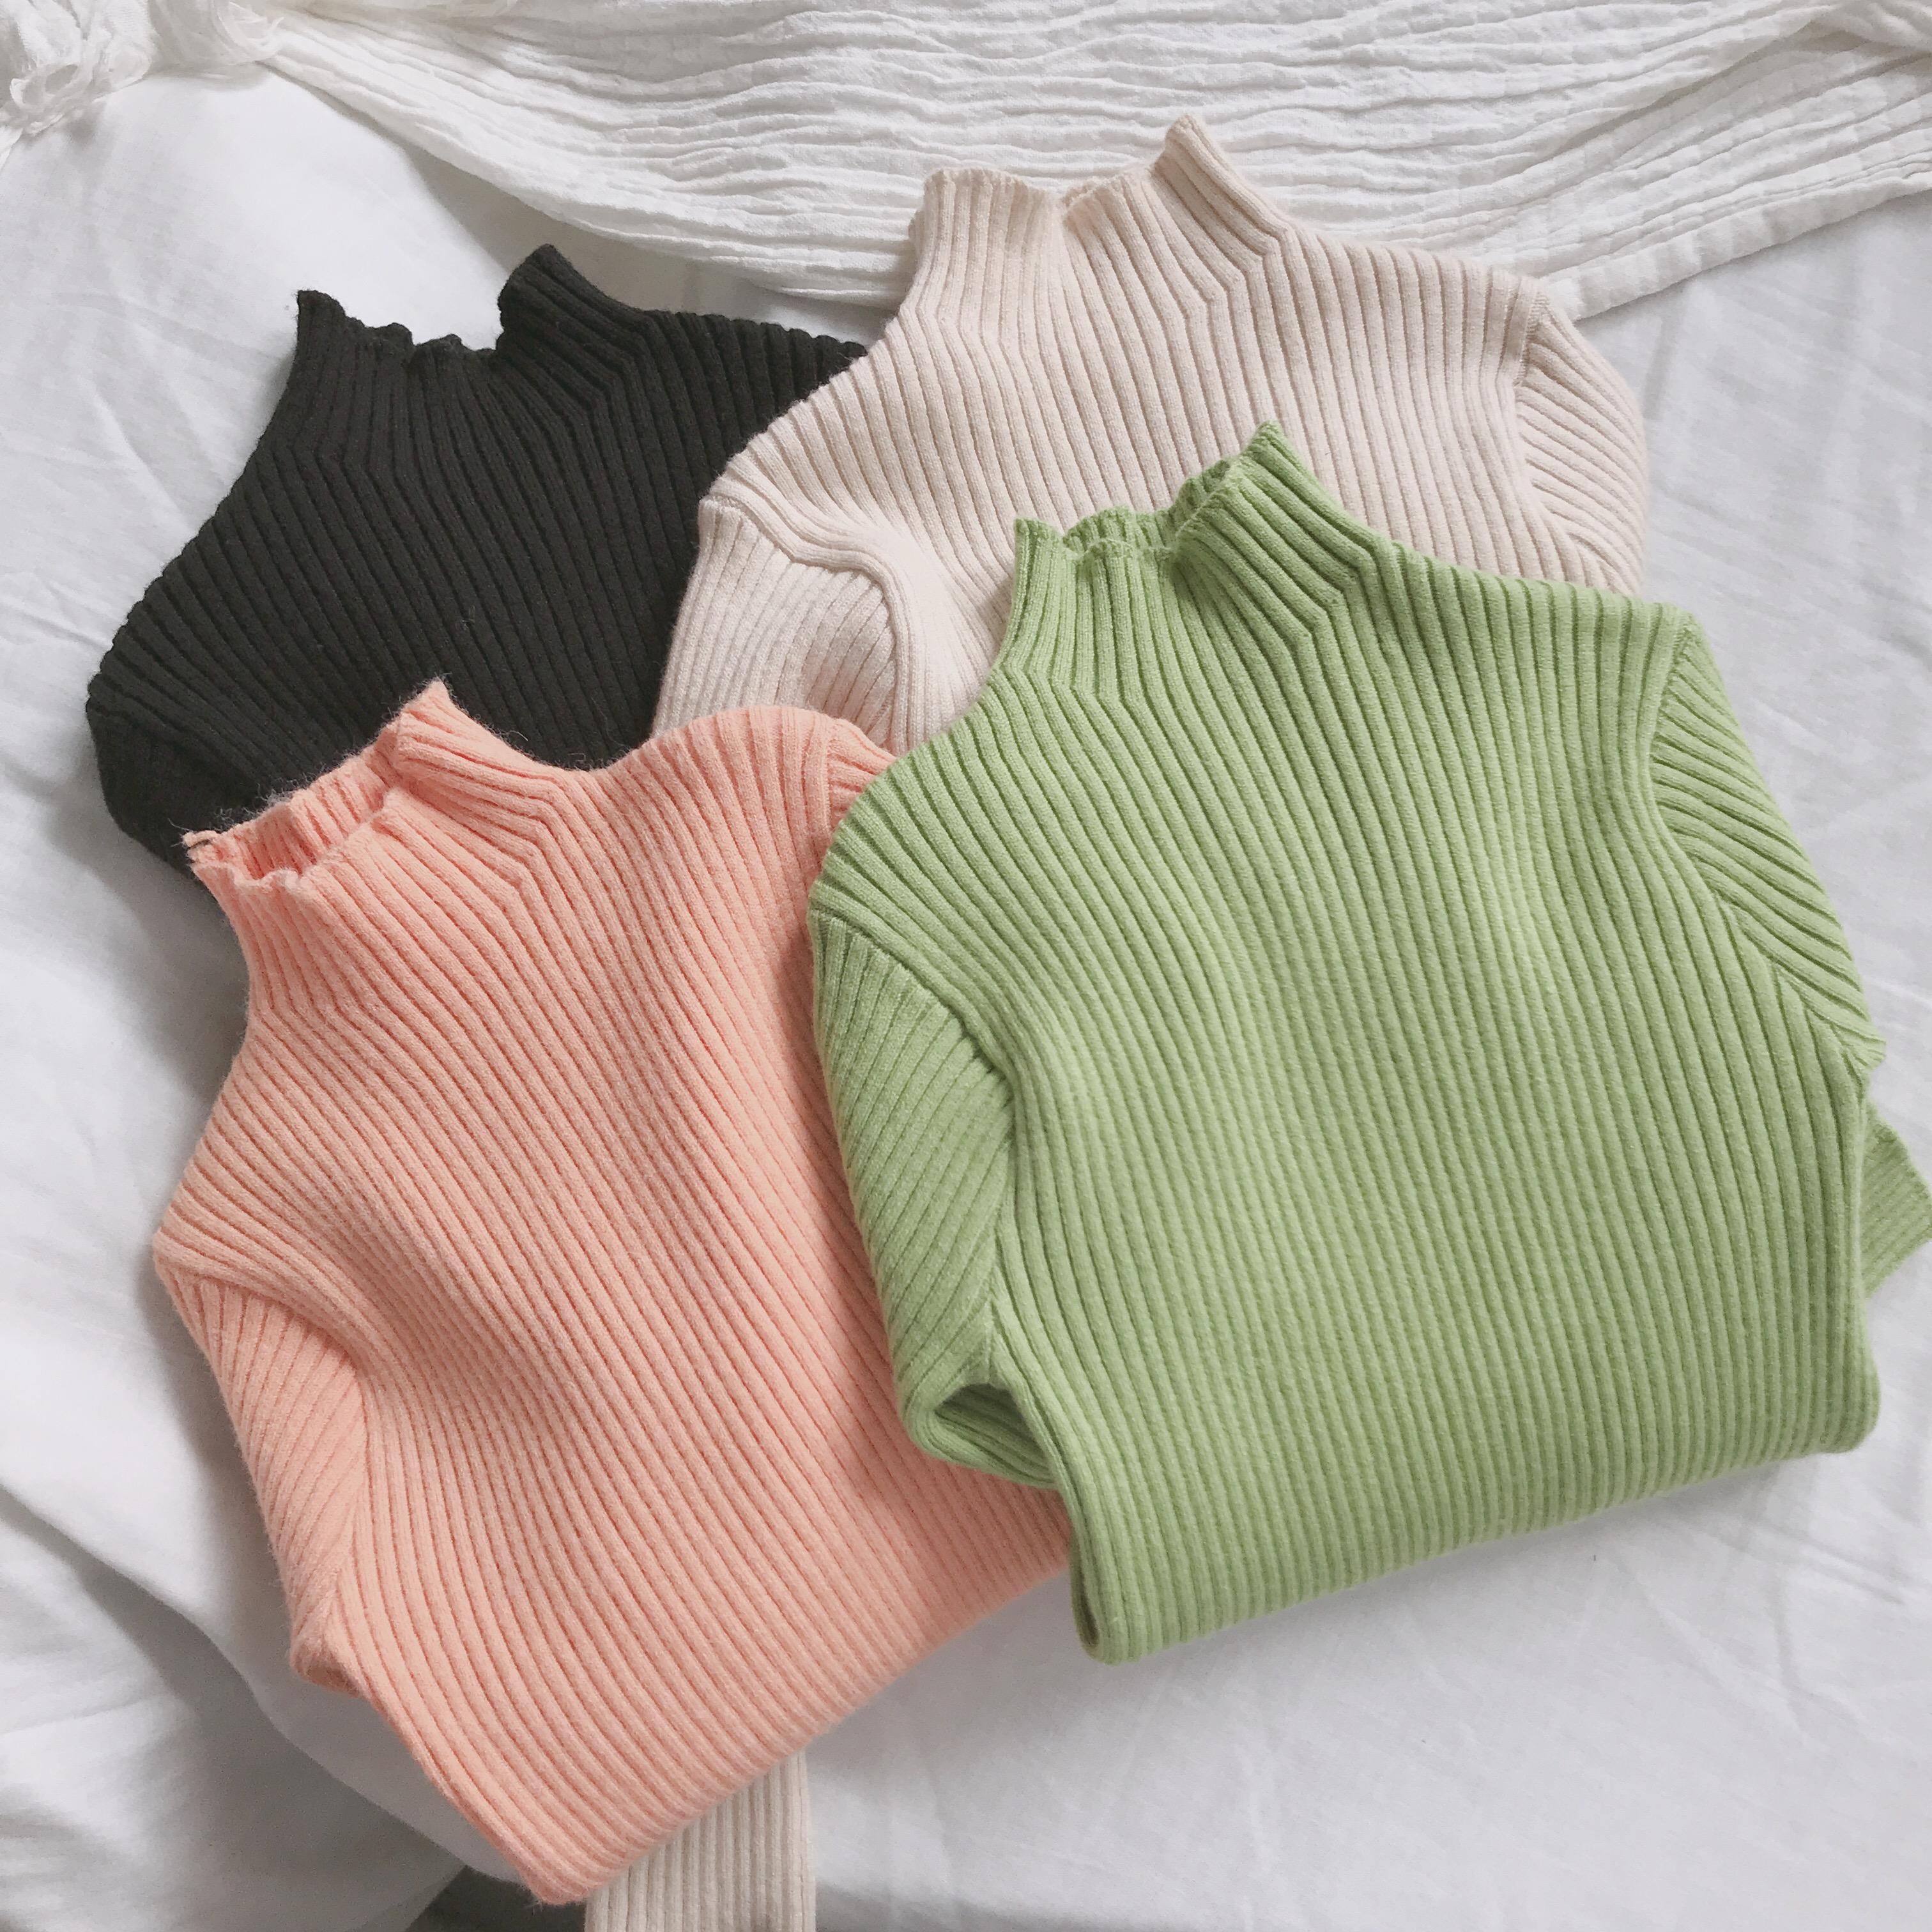 基础打底 那般男女童纯色半高领棉线针织毛衣 儿童弹力打底衫047图片